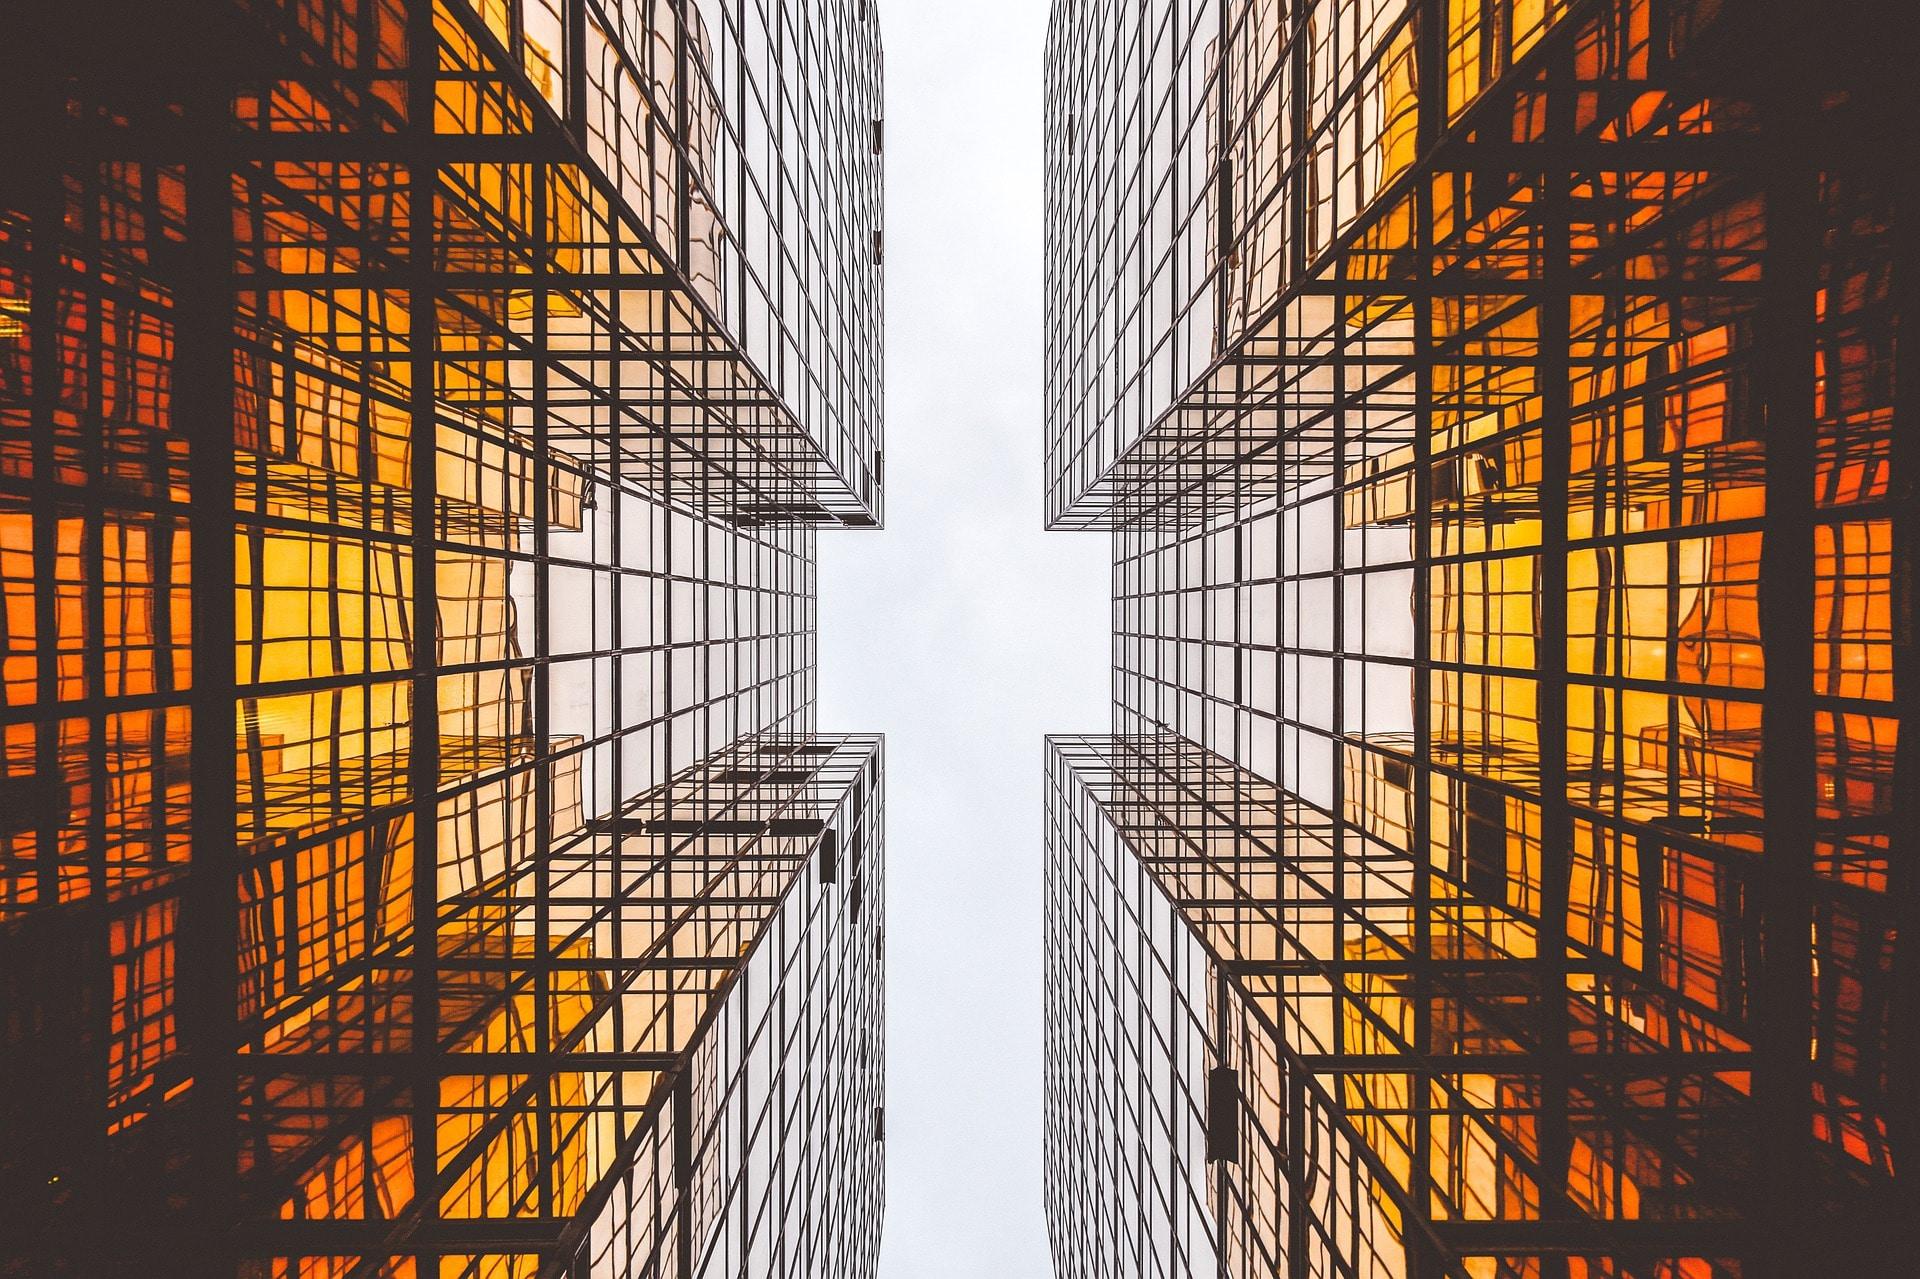 Quels sont les sources et les défis de la croissance économique ?